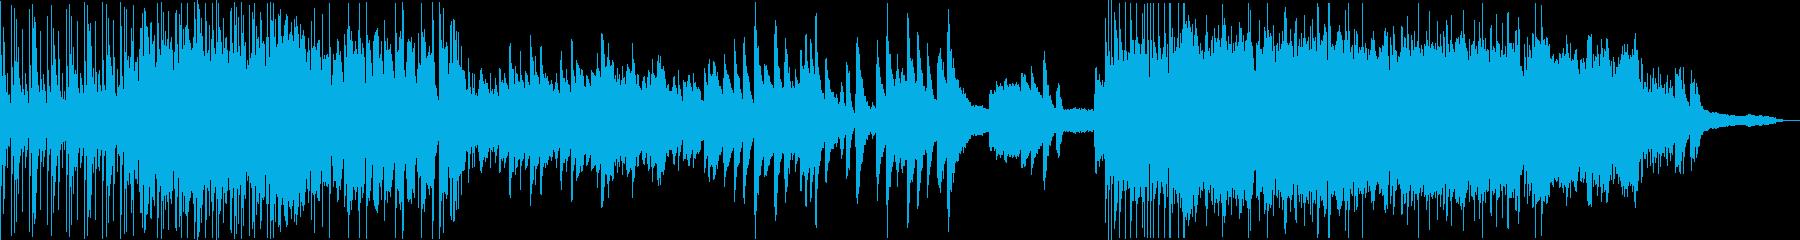 ジャズビート・バラード・ポップのメドレーの再生済みの波形